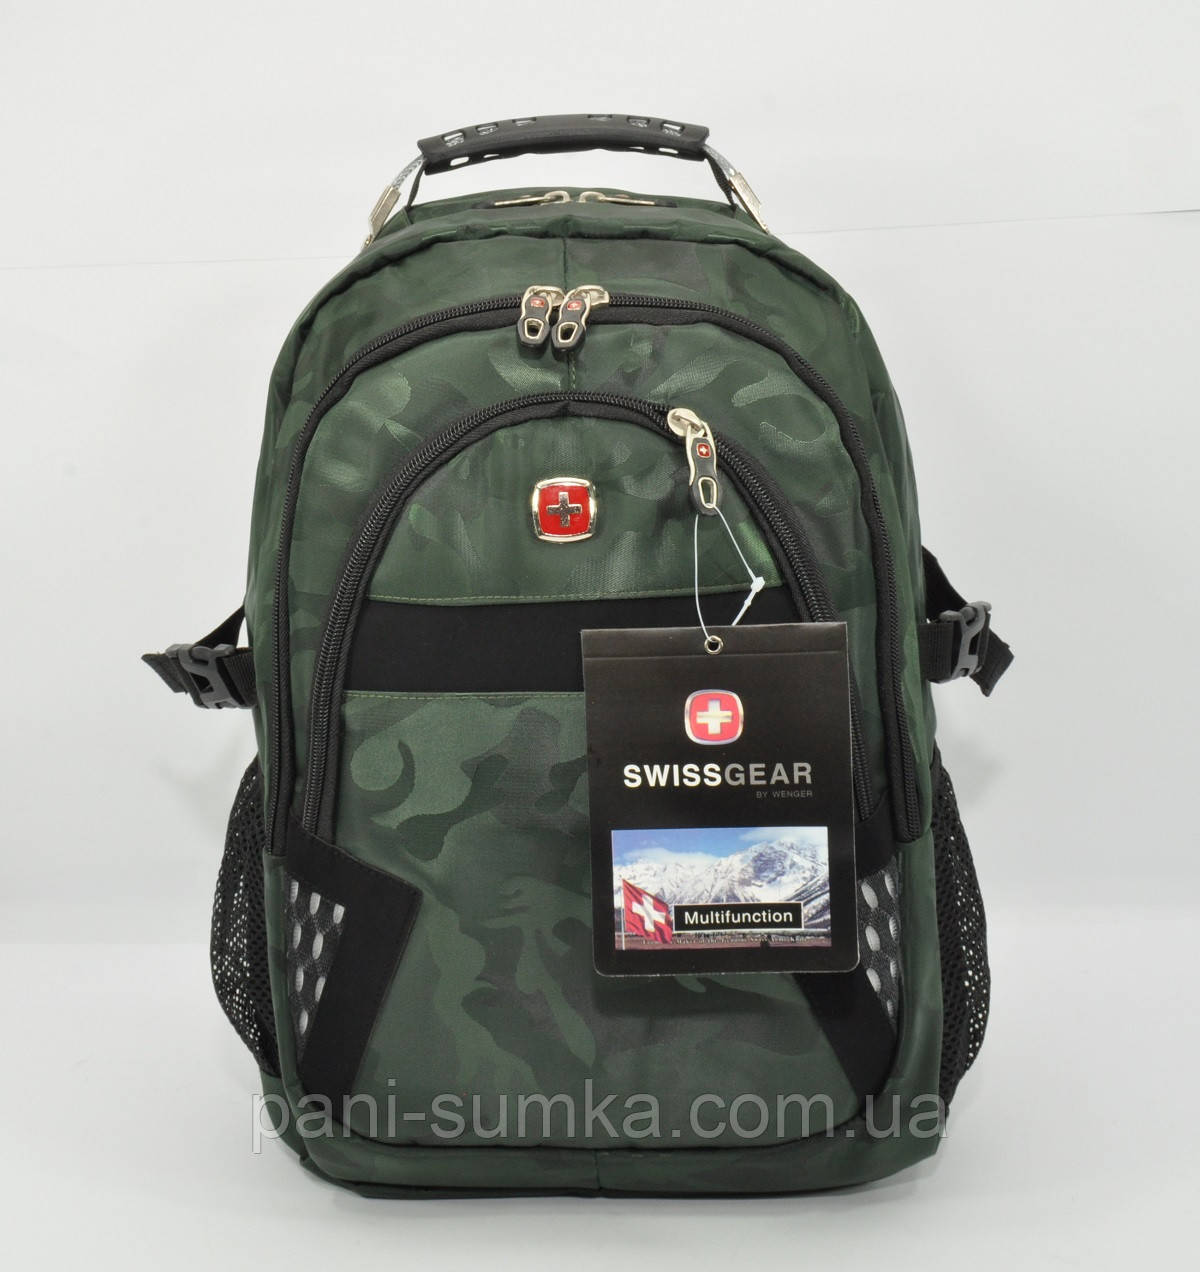 Рюкзак міський SwissGear 9363 хакі, вихід для навушників, дощовик